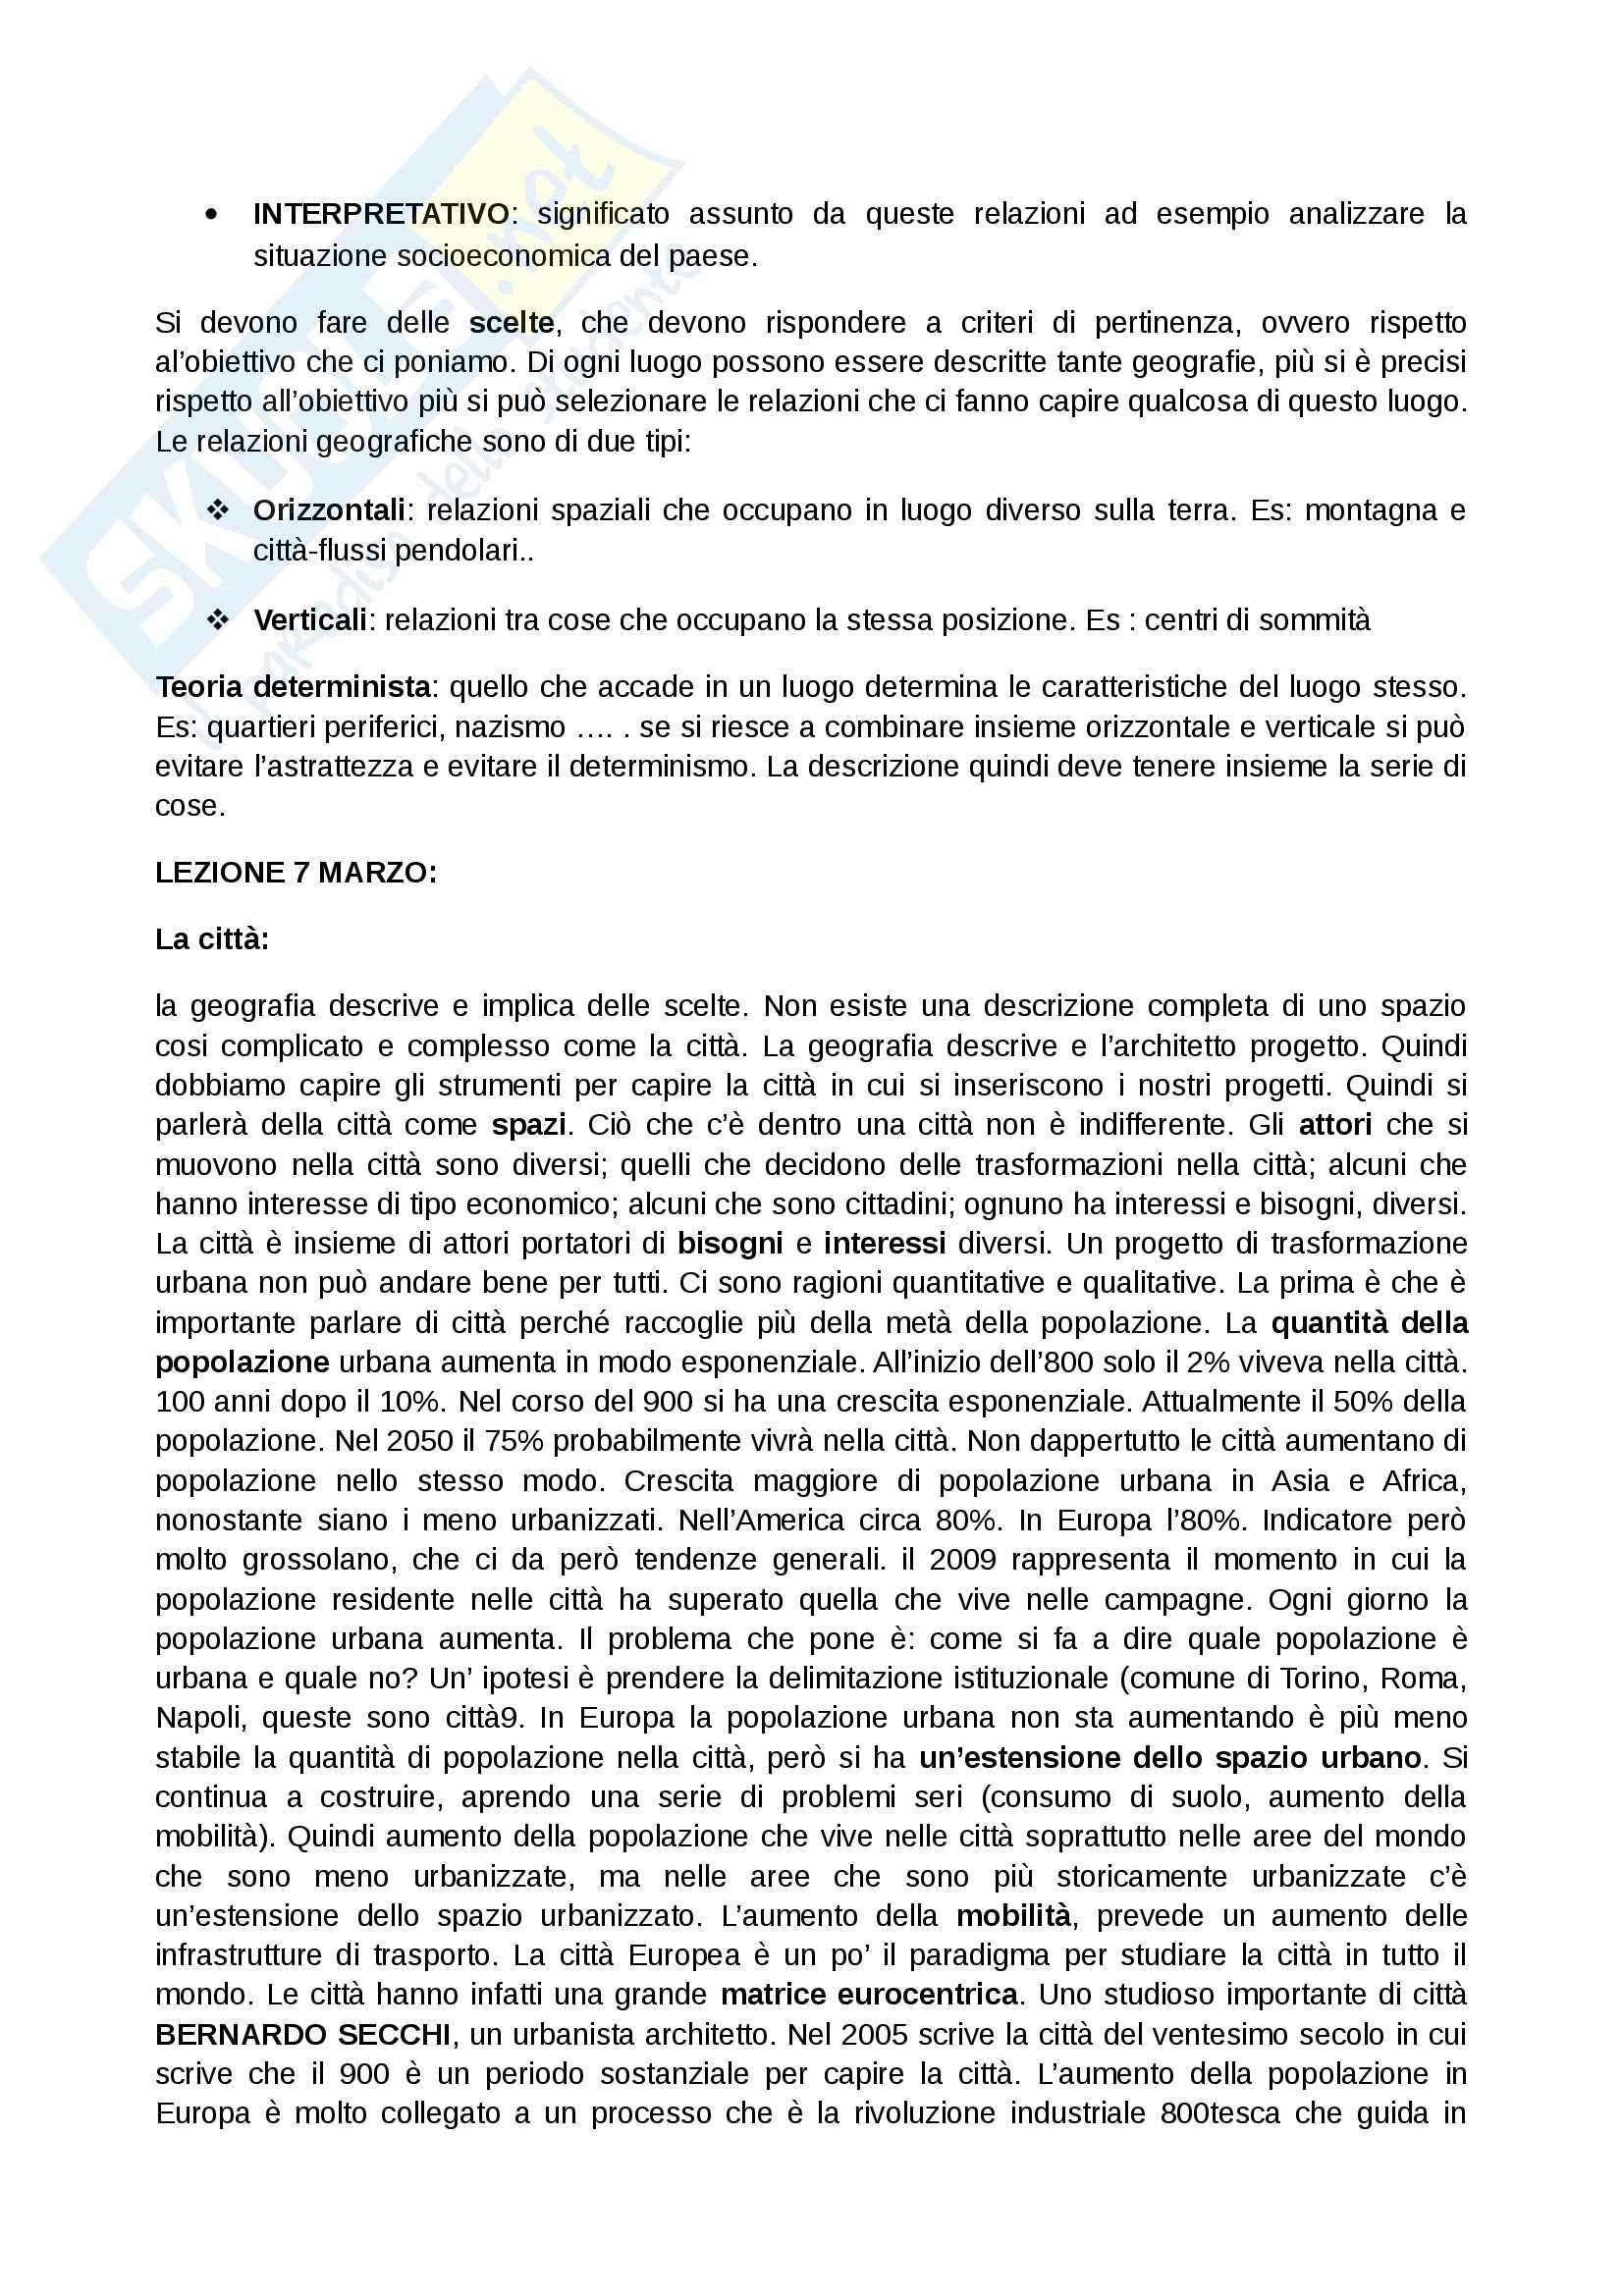 Lezioni: Appunti di Geografia Pag. 2